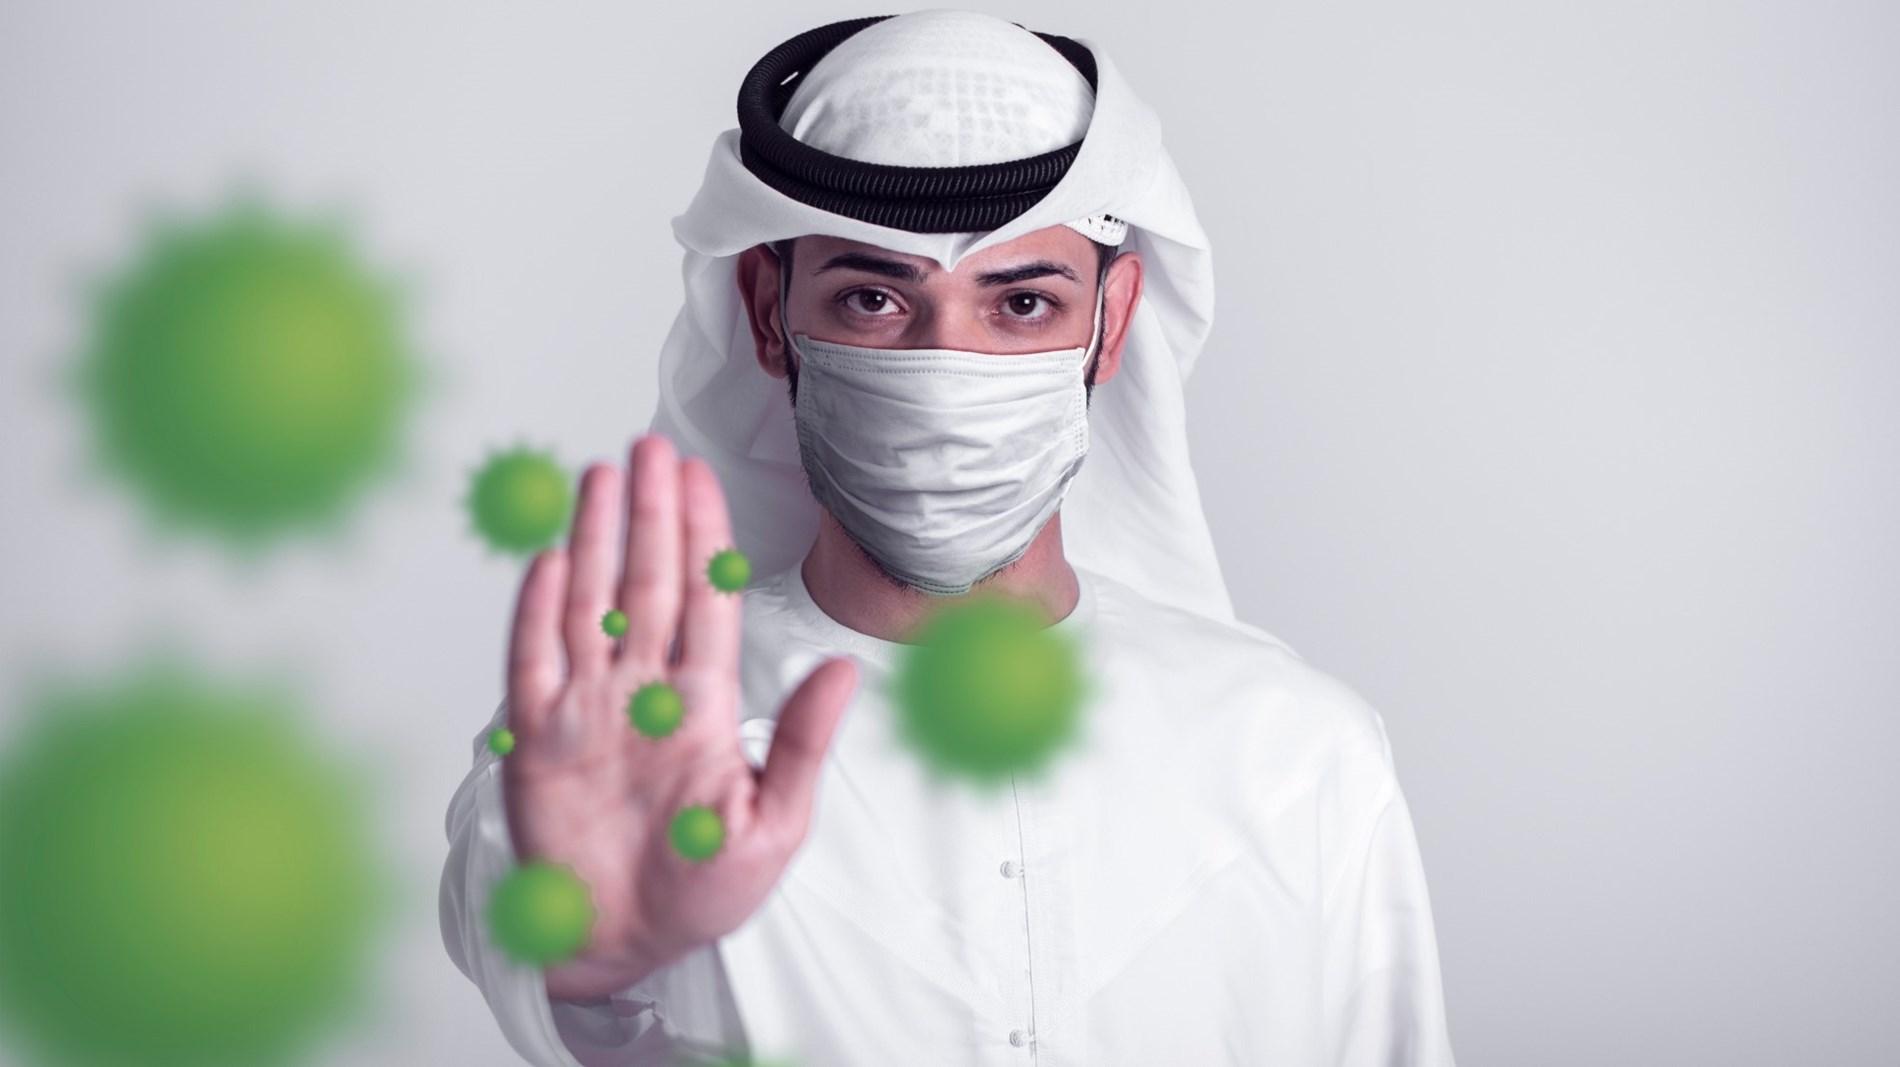 الإمارات تبدأ حملة التلقيح ضد فيروس كورونا